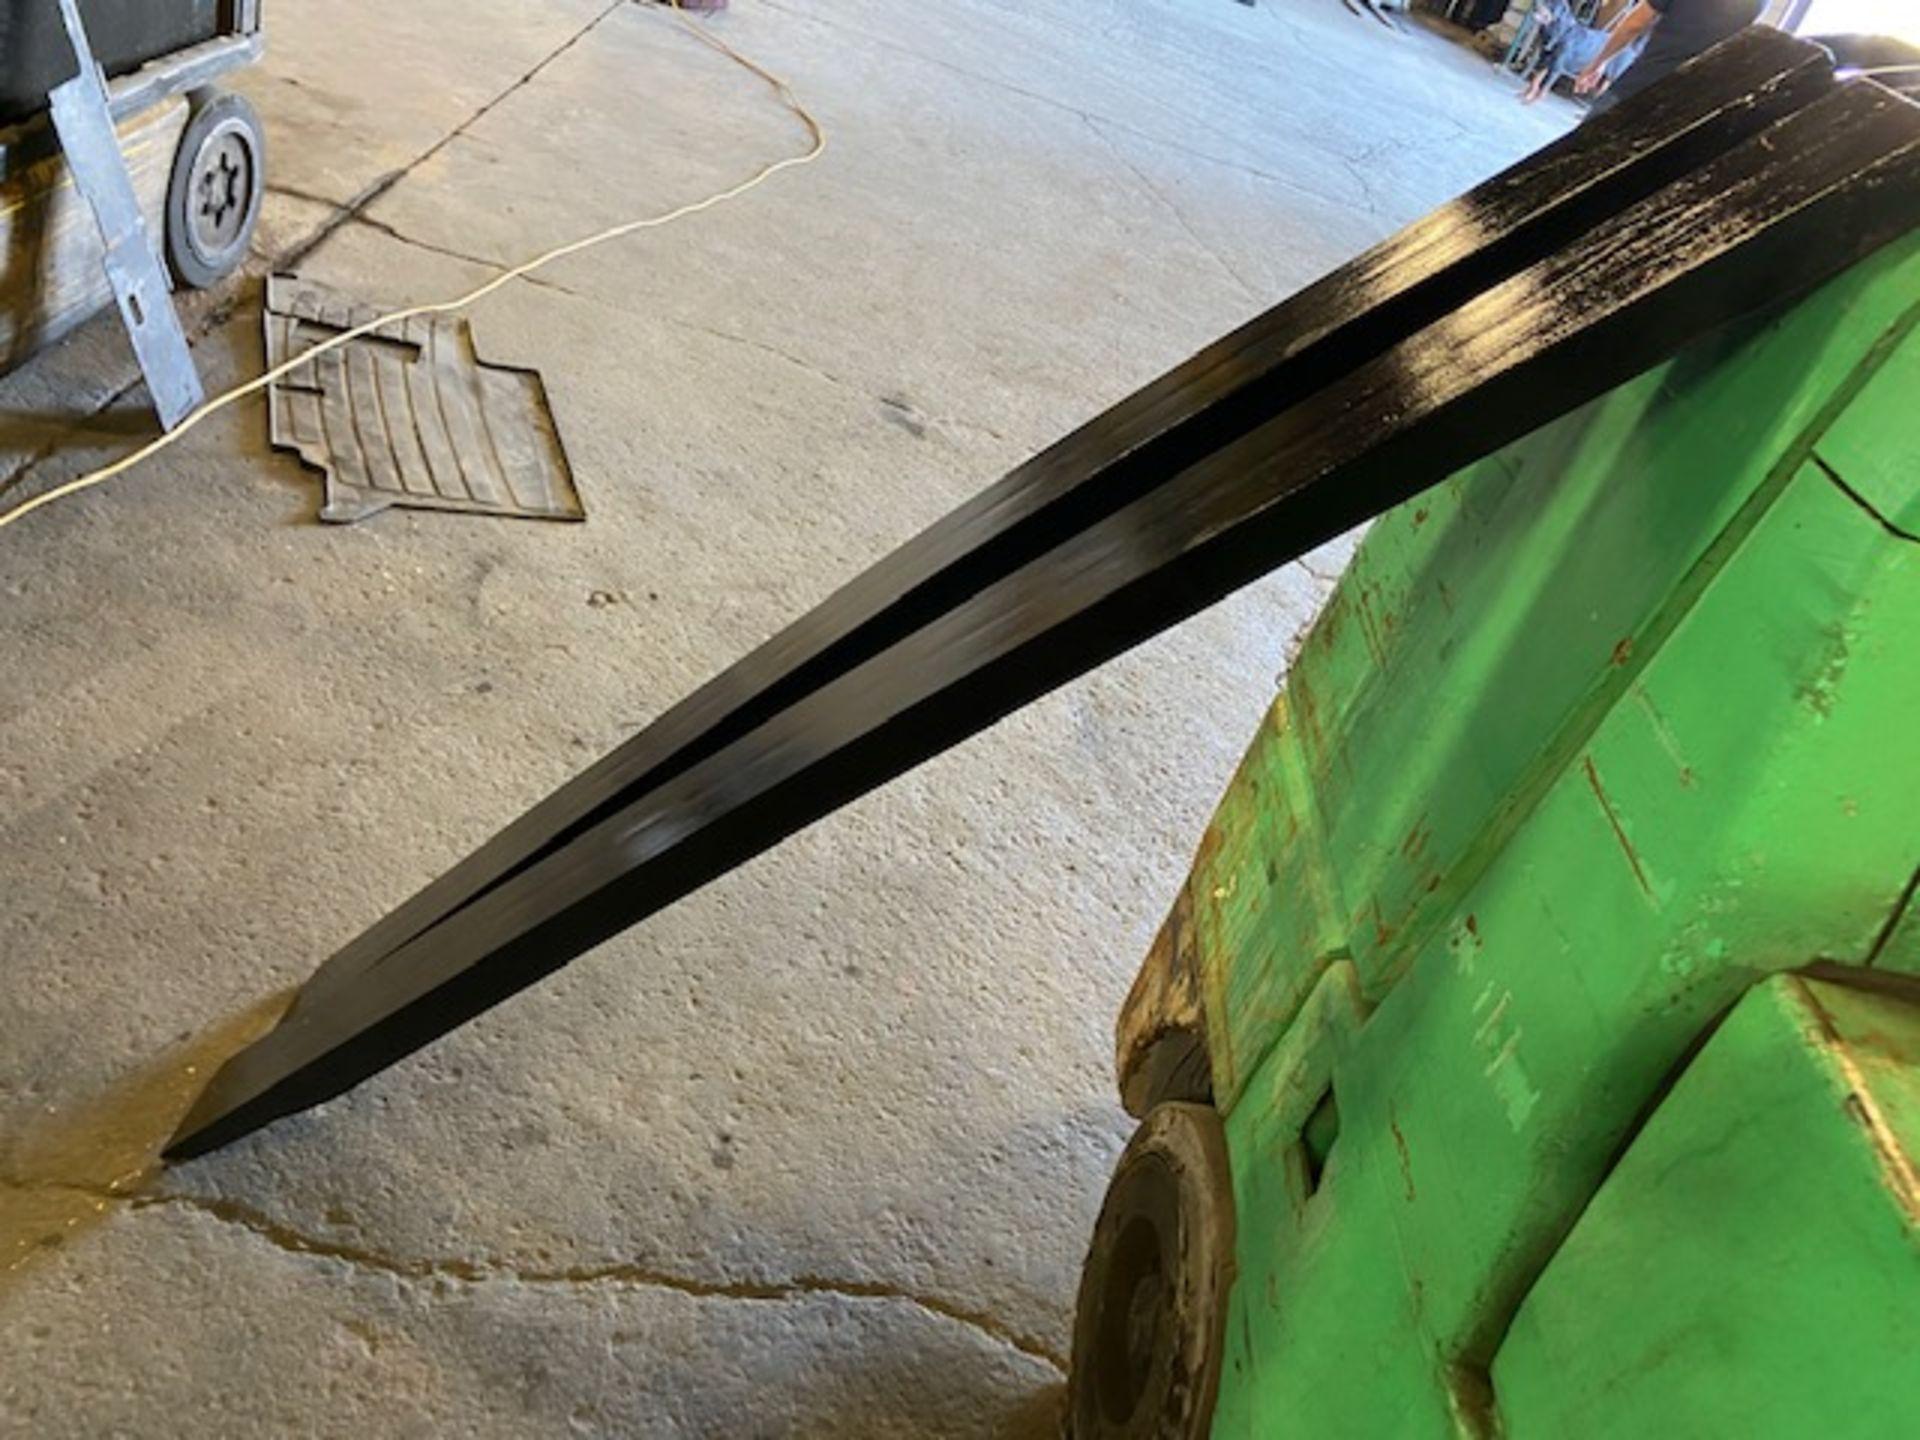 Forklift Fork Extension - 5.5' Long